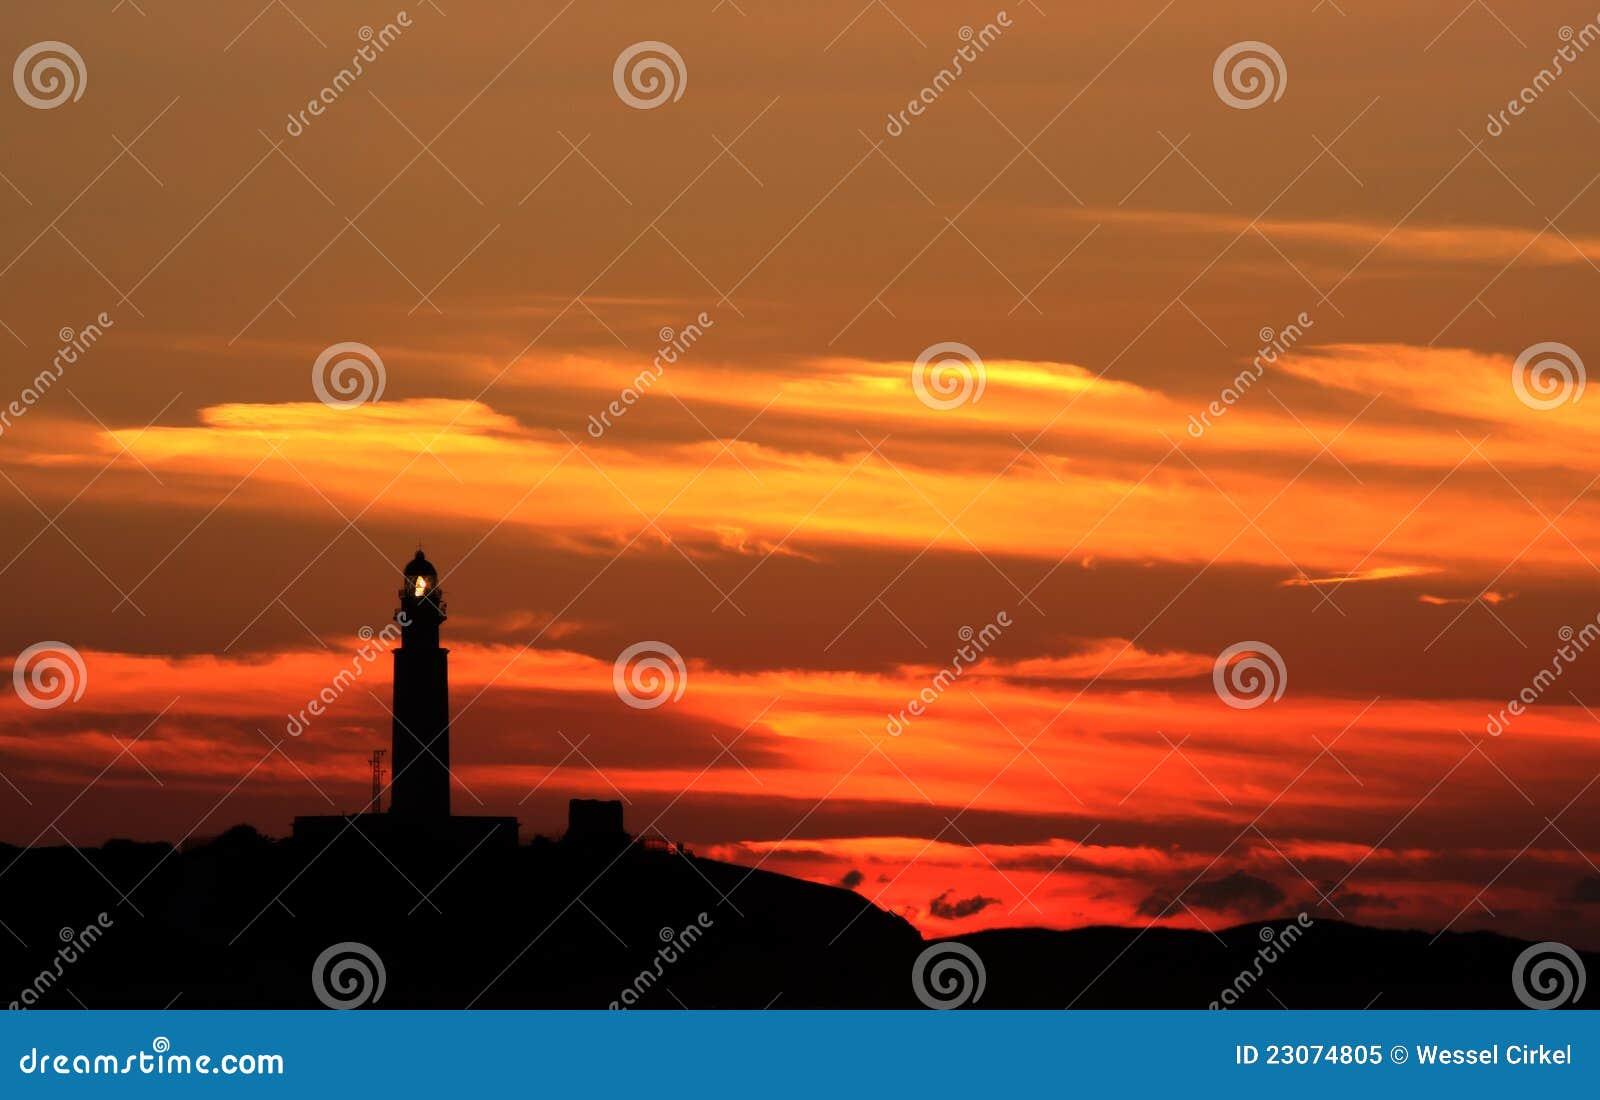 Farol de Trafalgar da iluminação e por do sol, Spain